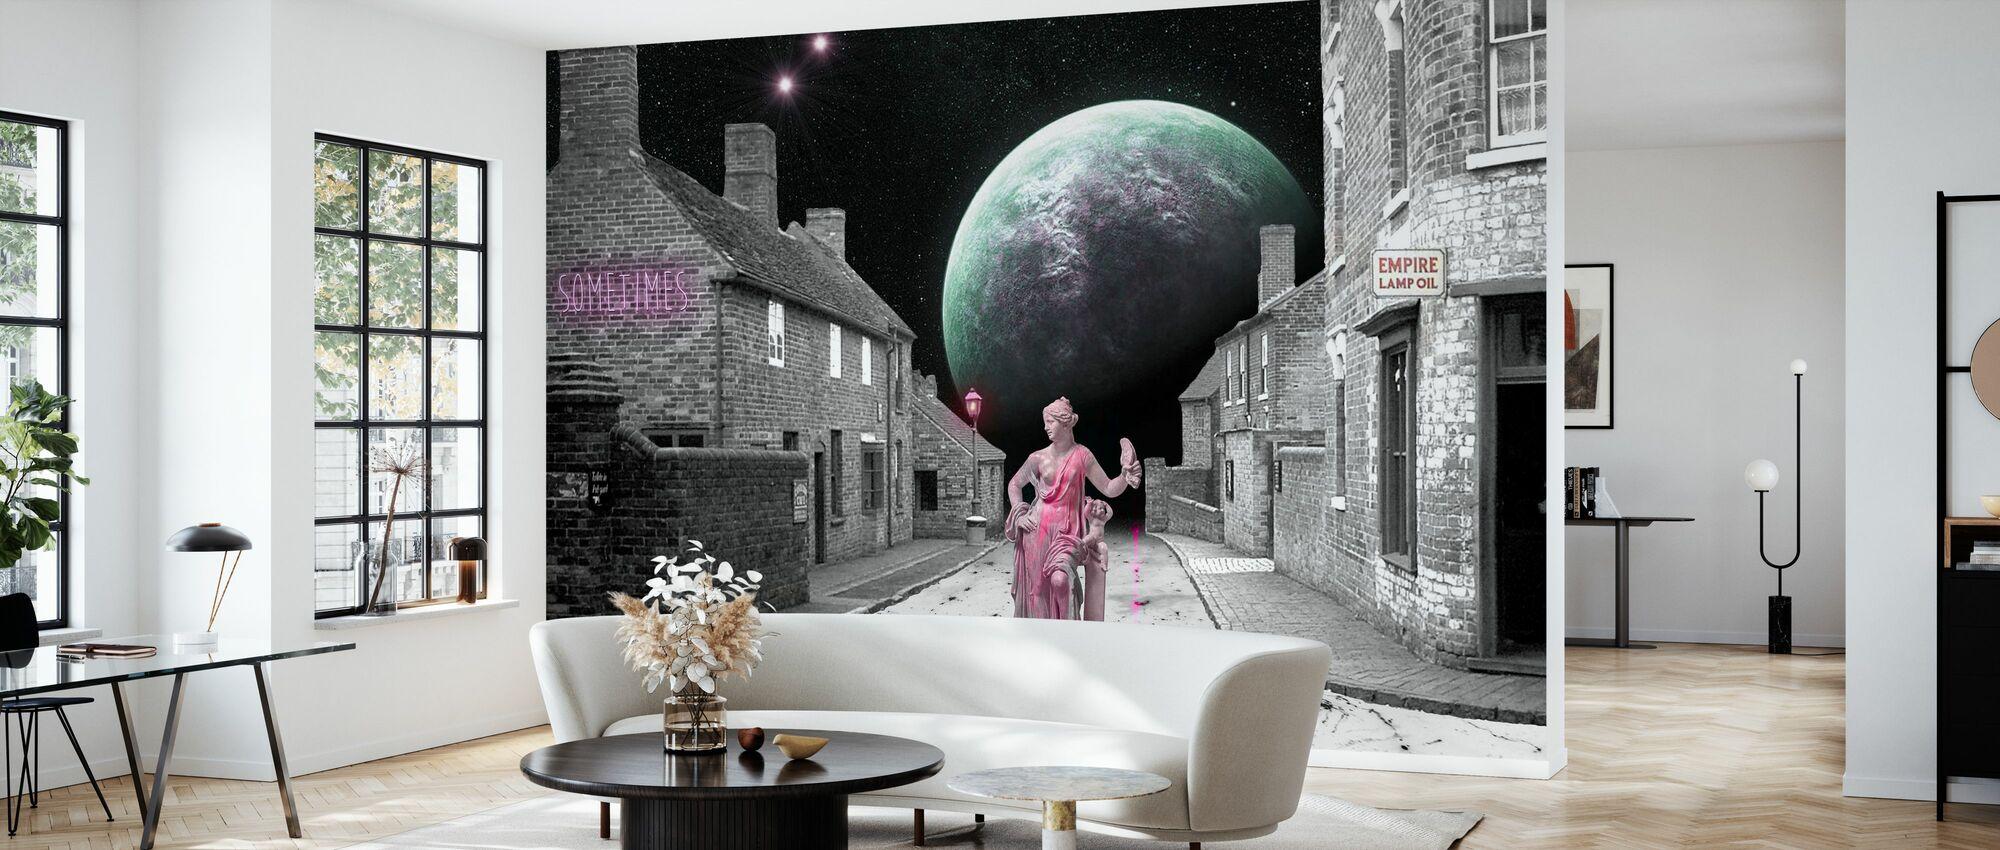 Sometimes - Wallpaper - Living Room